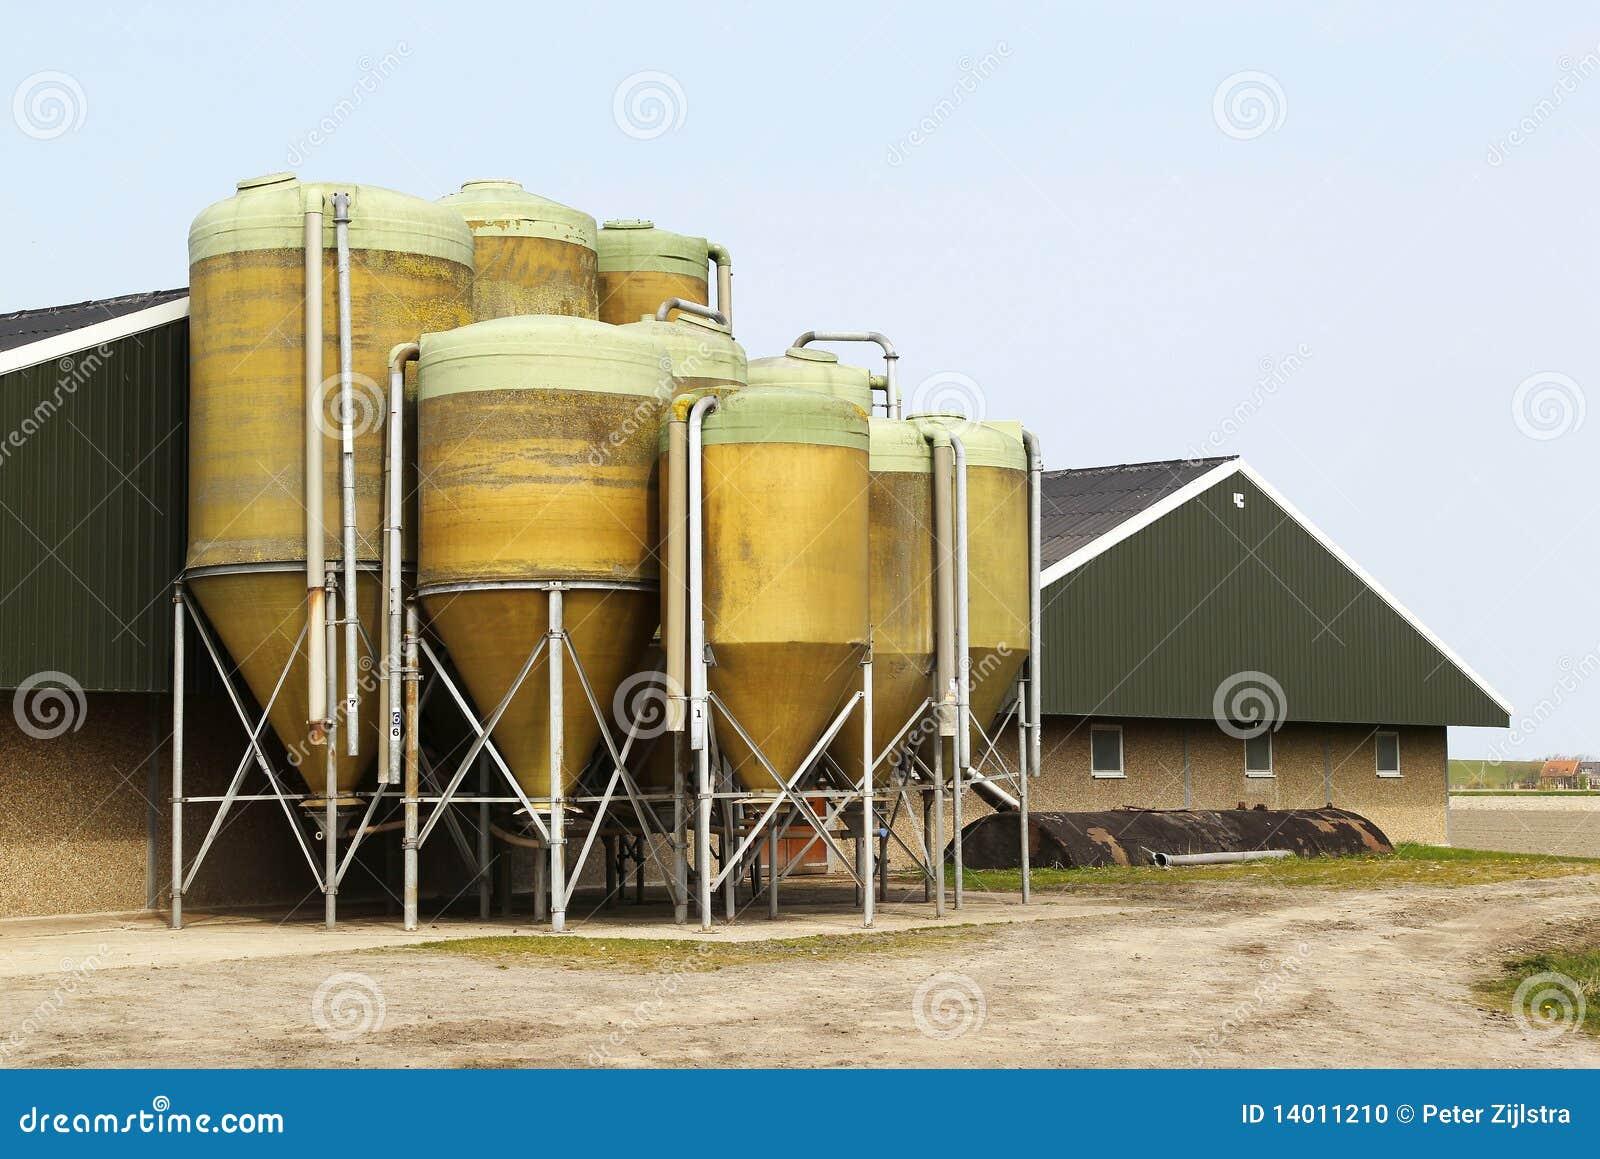 Boerderij met silo stock foto afbeelding 14011210 - Noordelijke deel ...